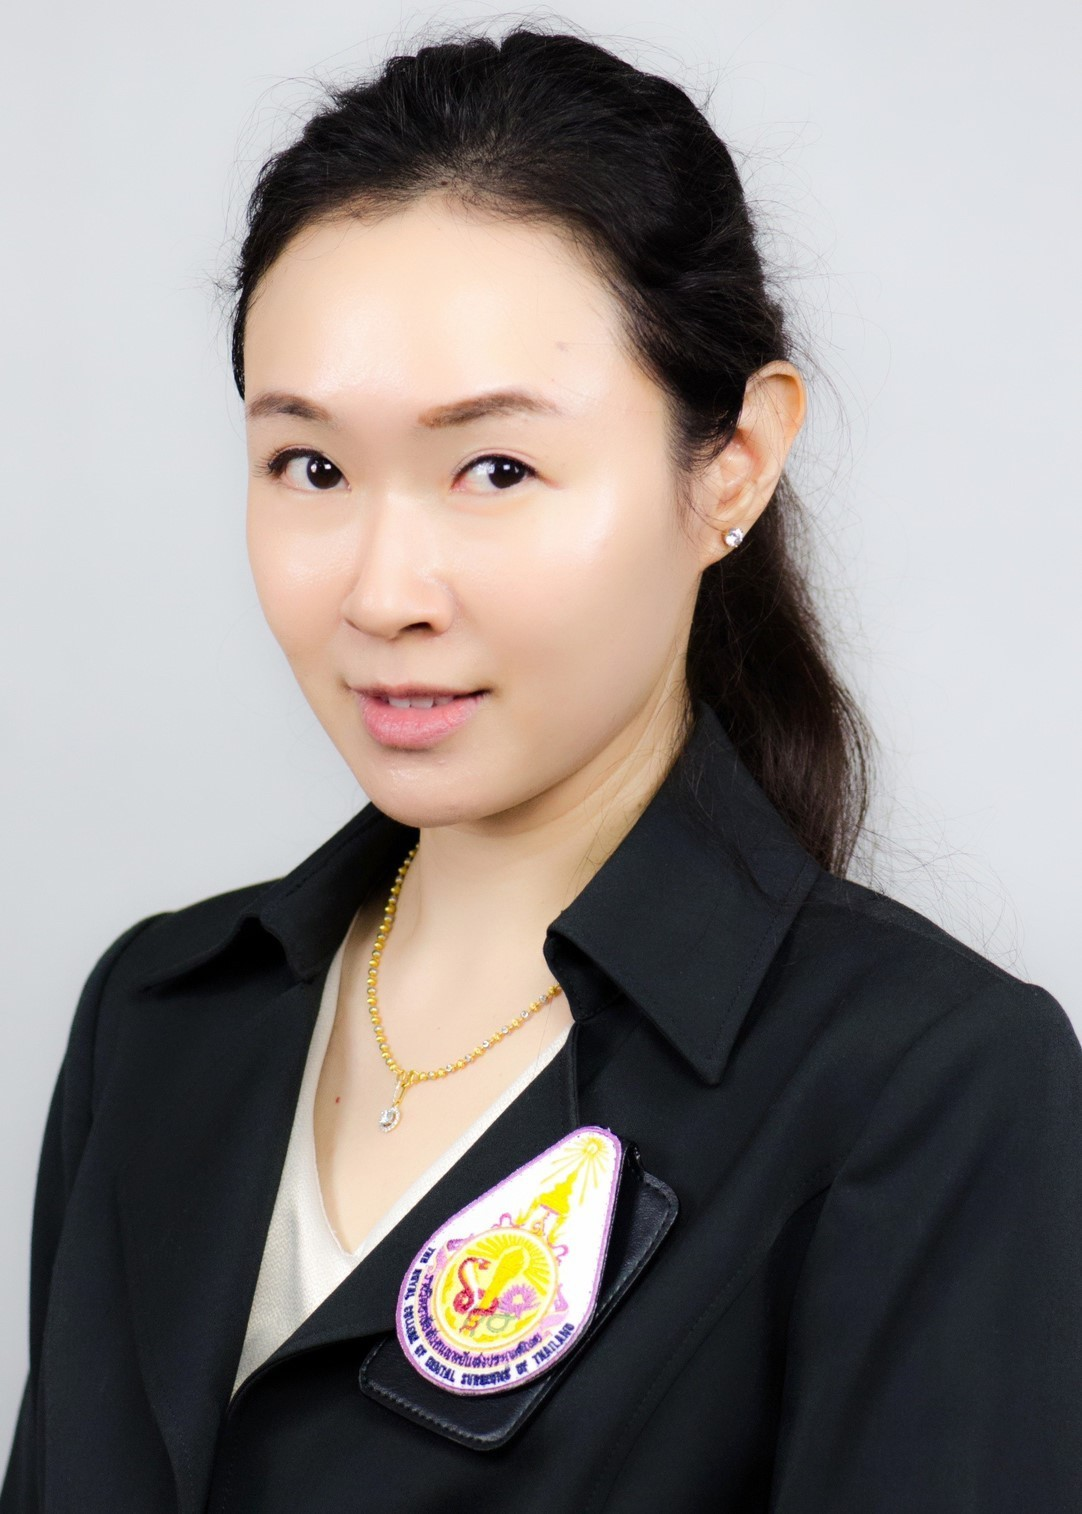 อาจารย์ ทันตแพทย์หญิง ดร.ภัคสินี กมลรัตนกุล